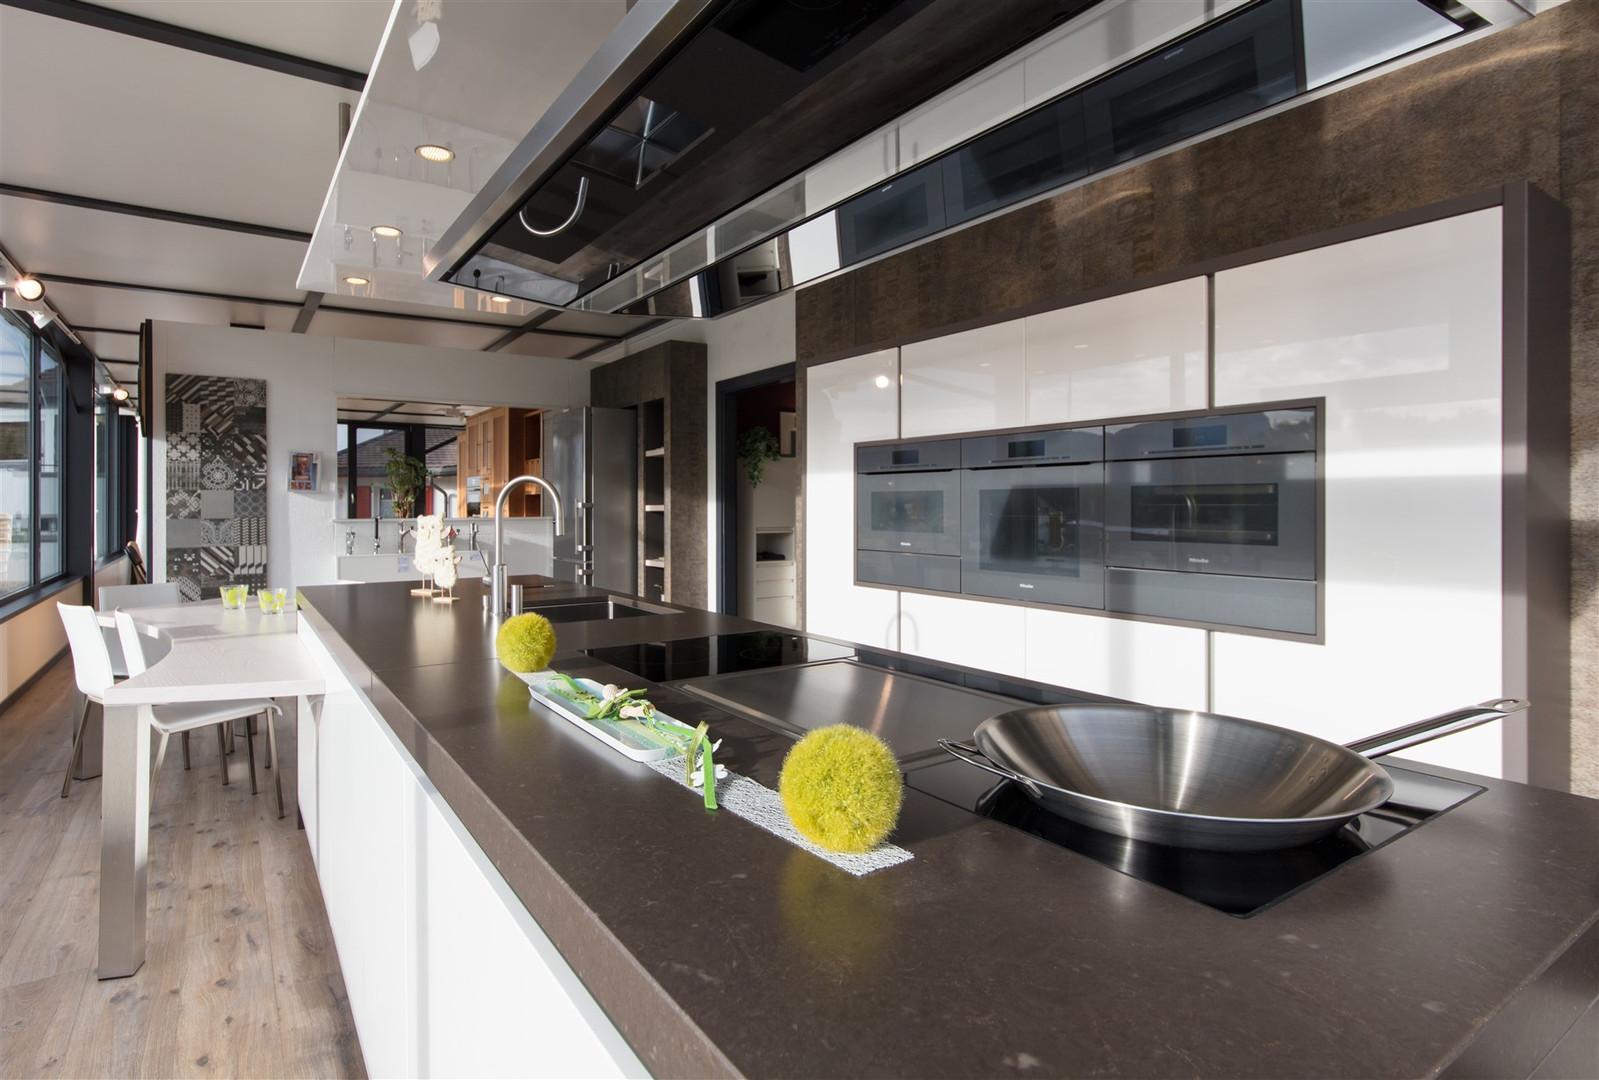 cuisines-magnin-020.jpg